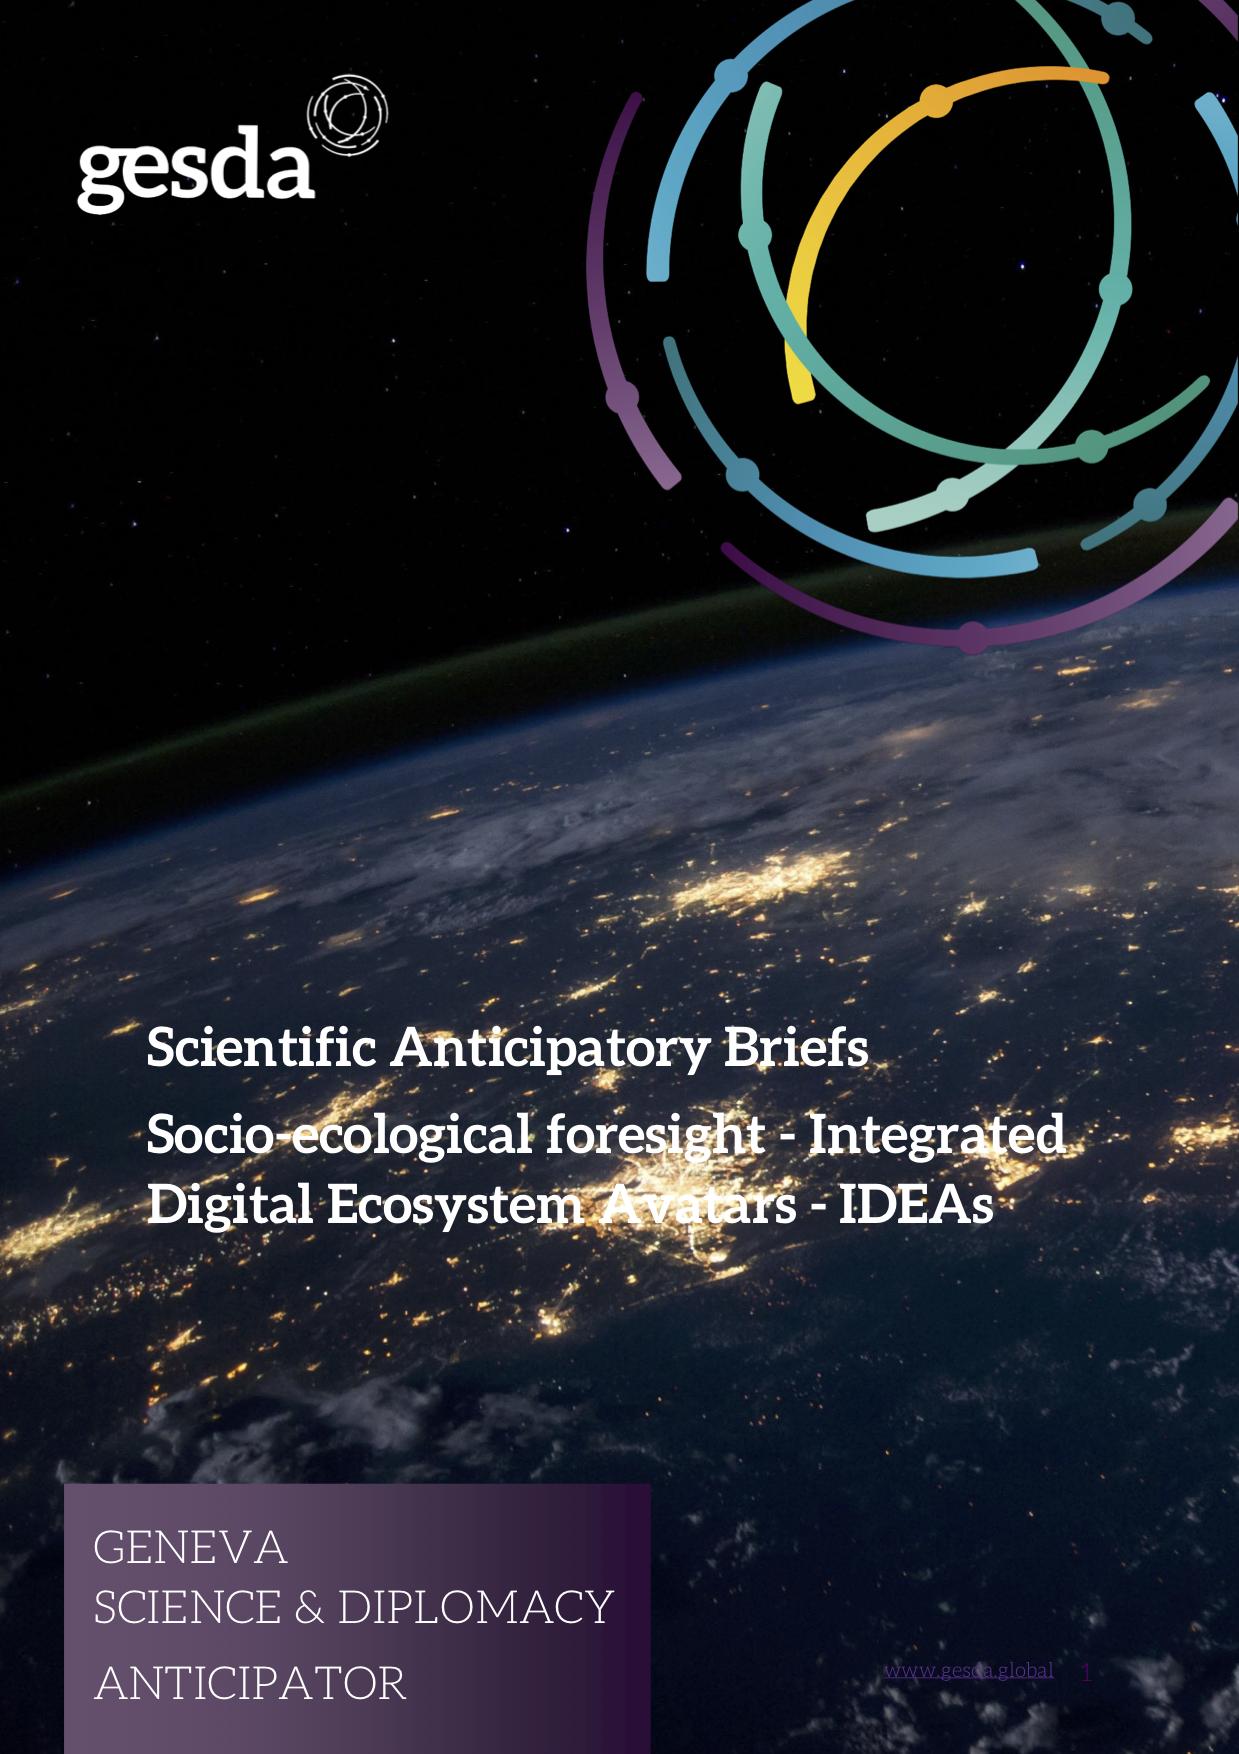 GESDA-SAB-abstracts_Platform-4-Science-and-diplomacy-web